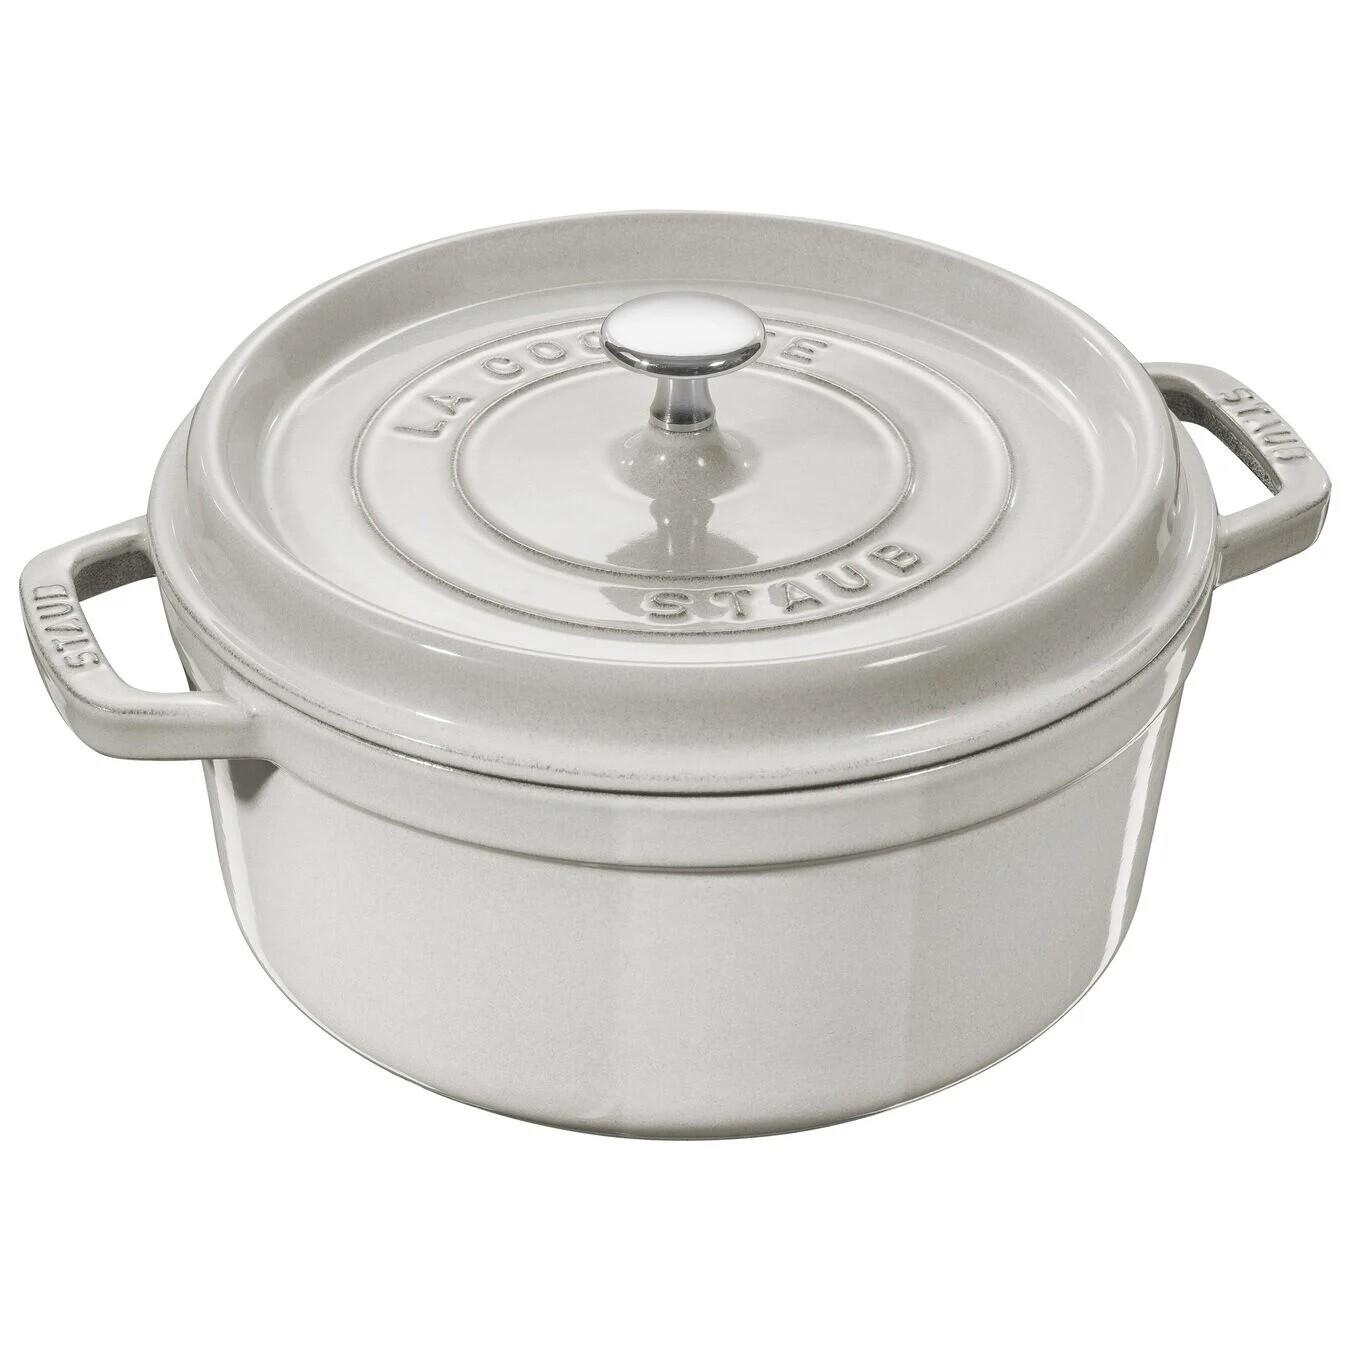 STAUB 'la cocotte' ronde stoofpot 24cm / 3,8L white truffle  PROMO 239,00 -20%